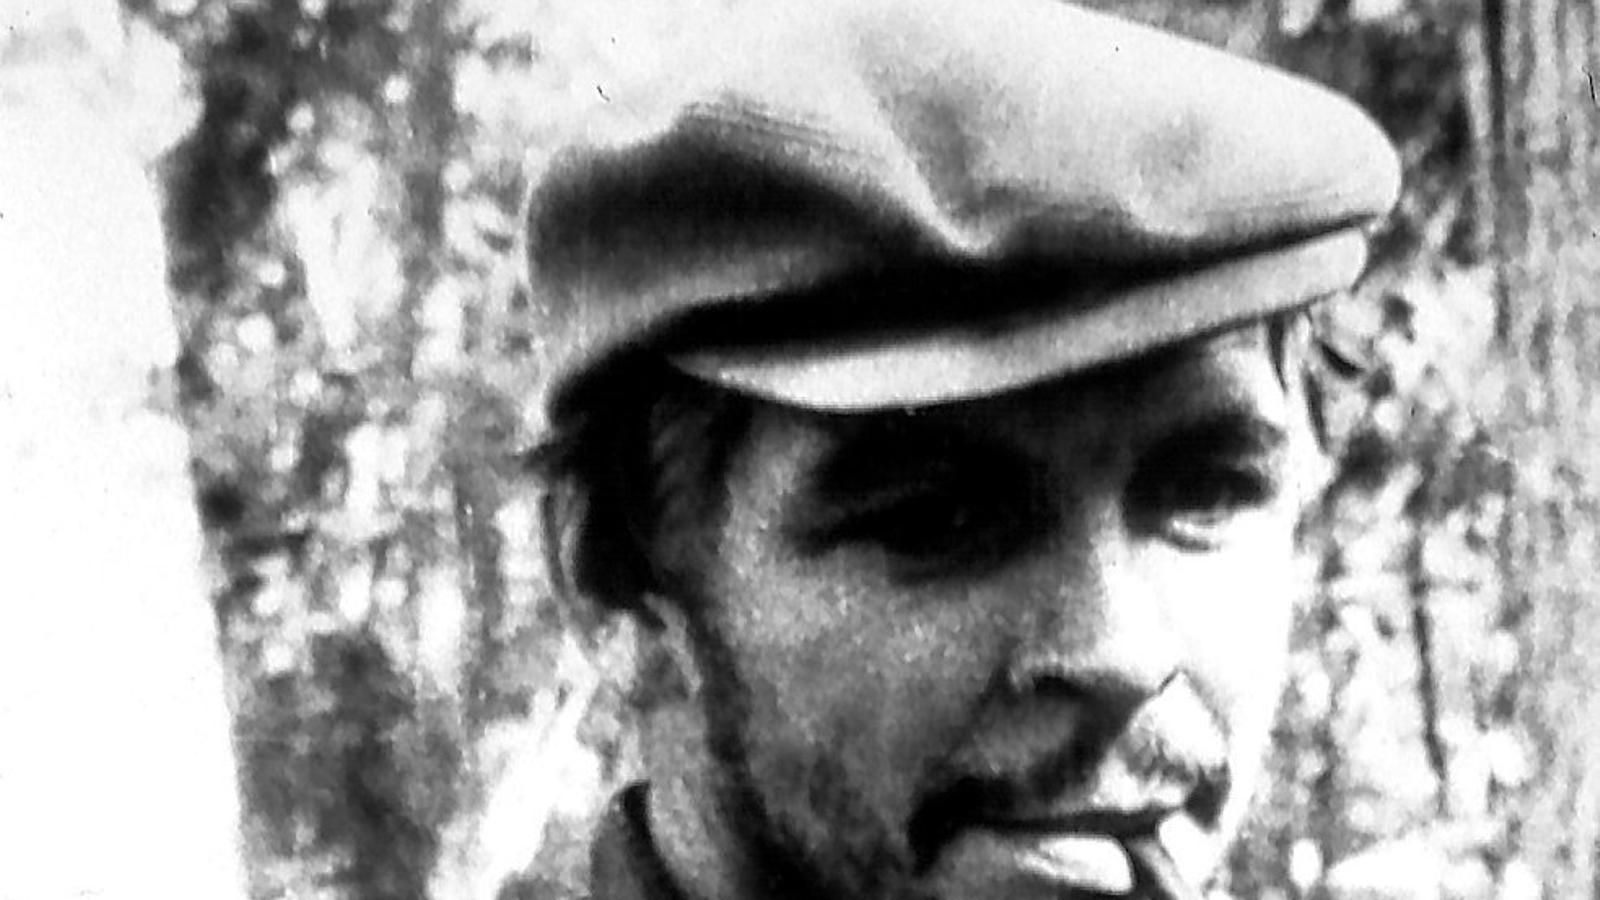 Imatge d'Ernesto Che Guevara a Bolívia que apareix al film documental Ernesto Che Guevara: Le journal de Bolivie (1994), dirigit per Richard Dindo.